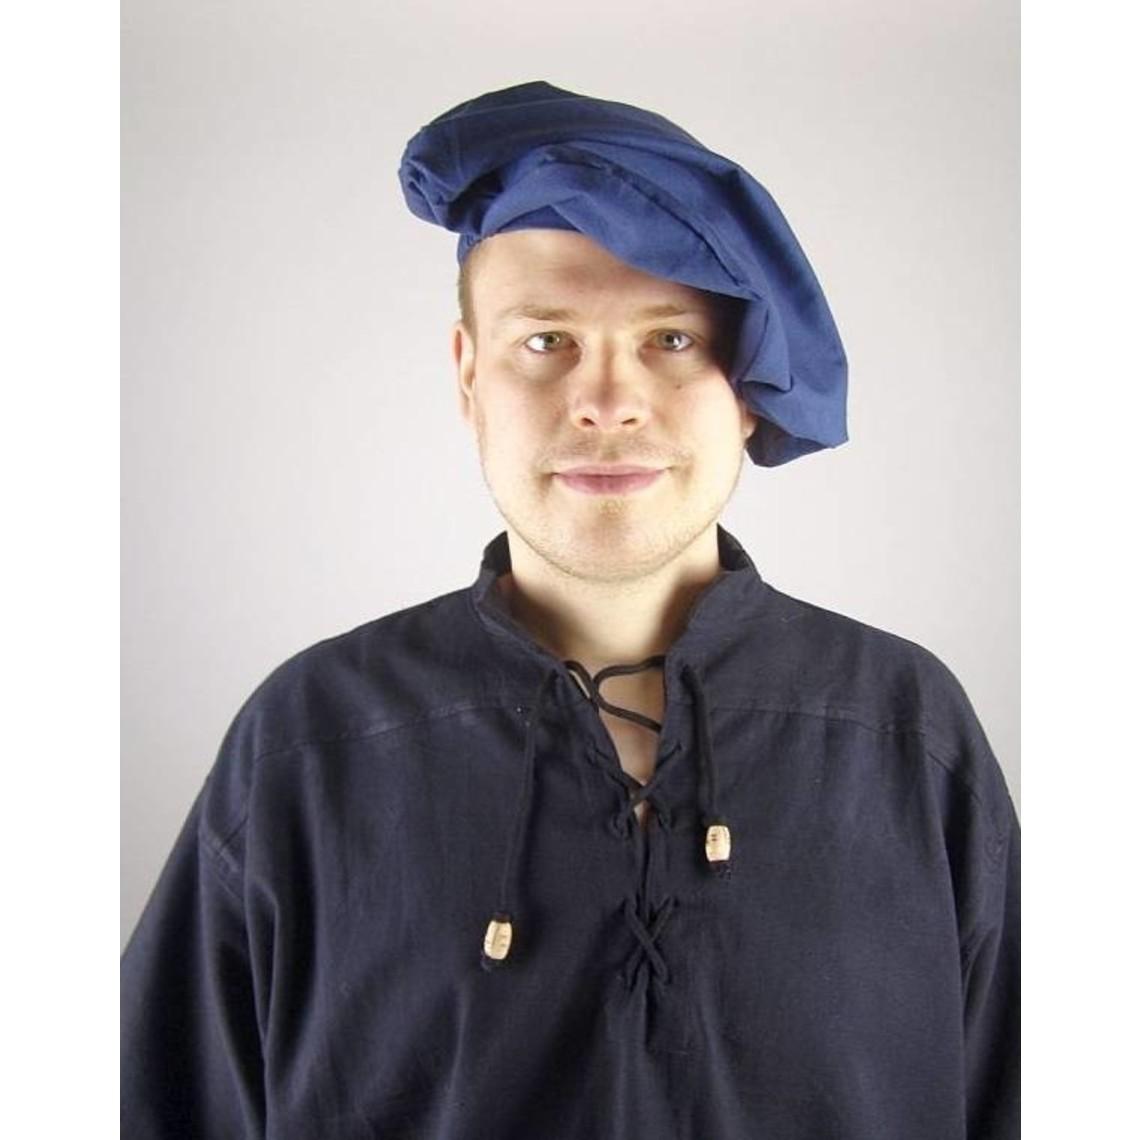 Leonardo Carbone Katoenen baret, zwart